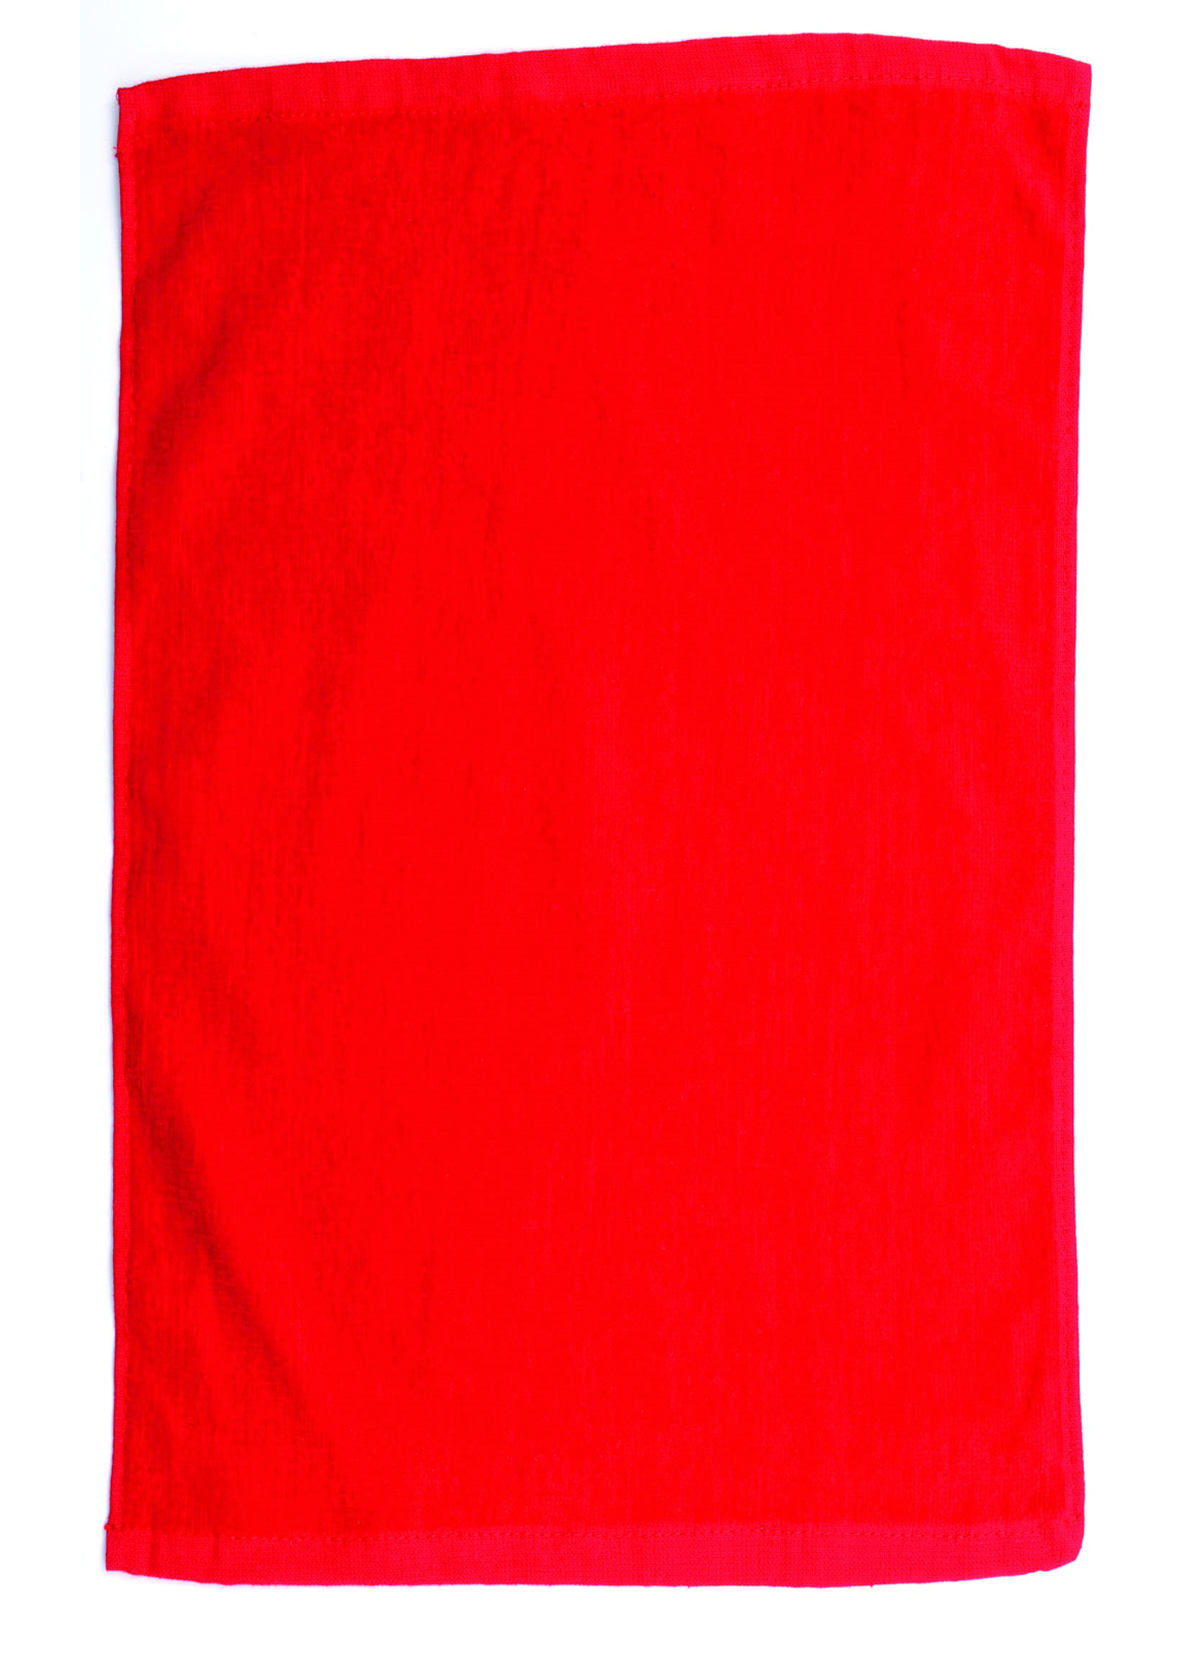 TRU17_red